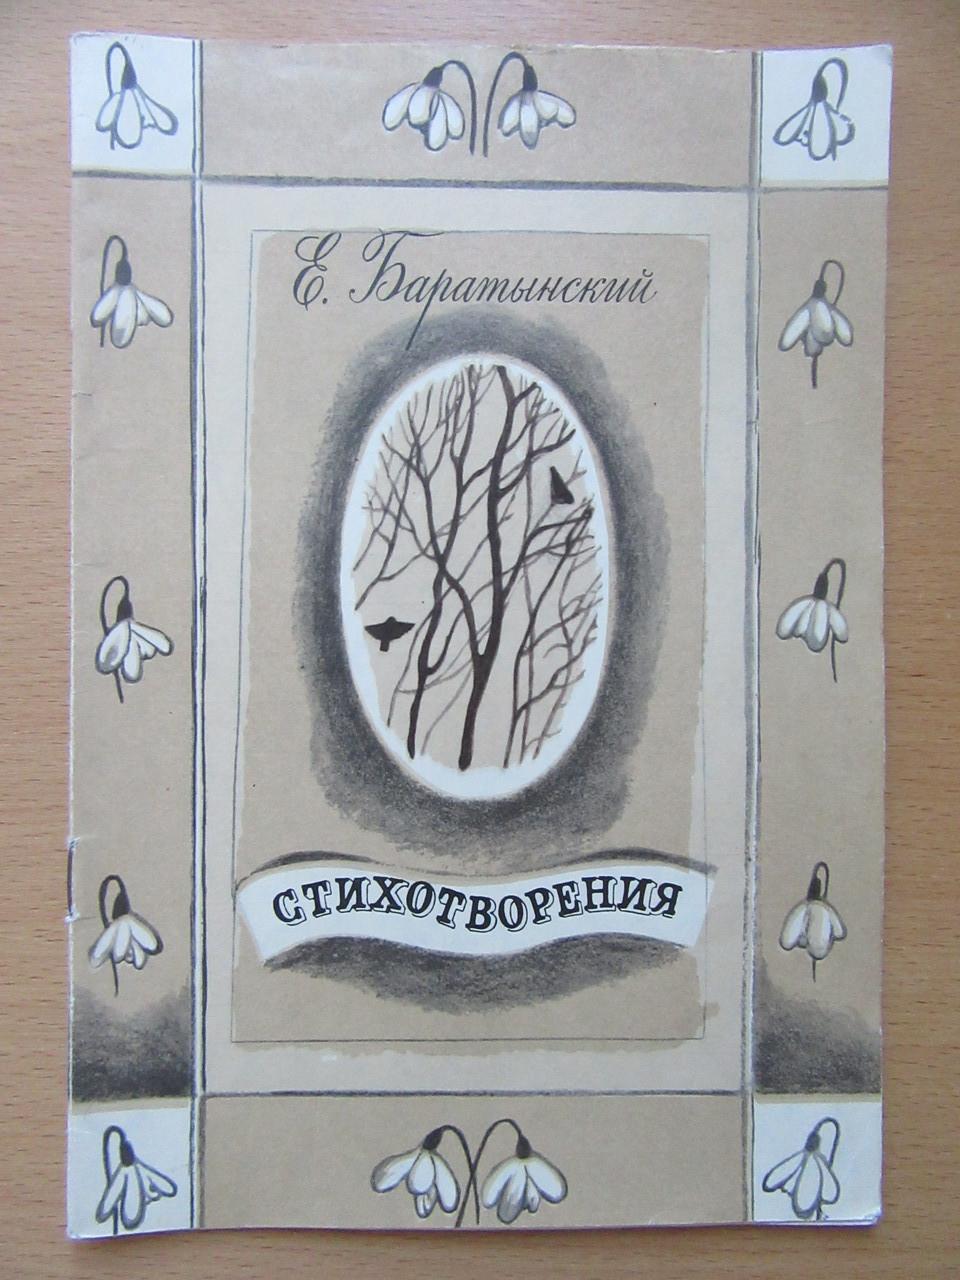 Е.Баратынский. Стихотворения